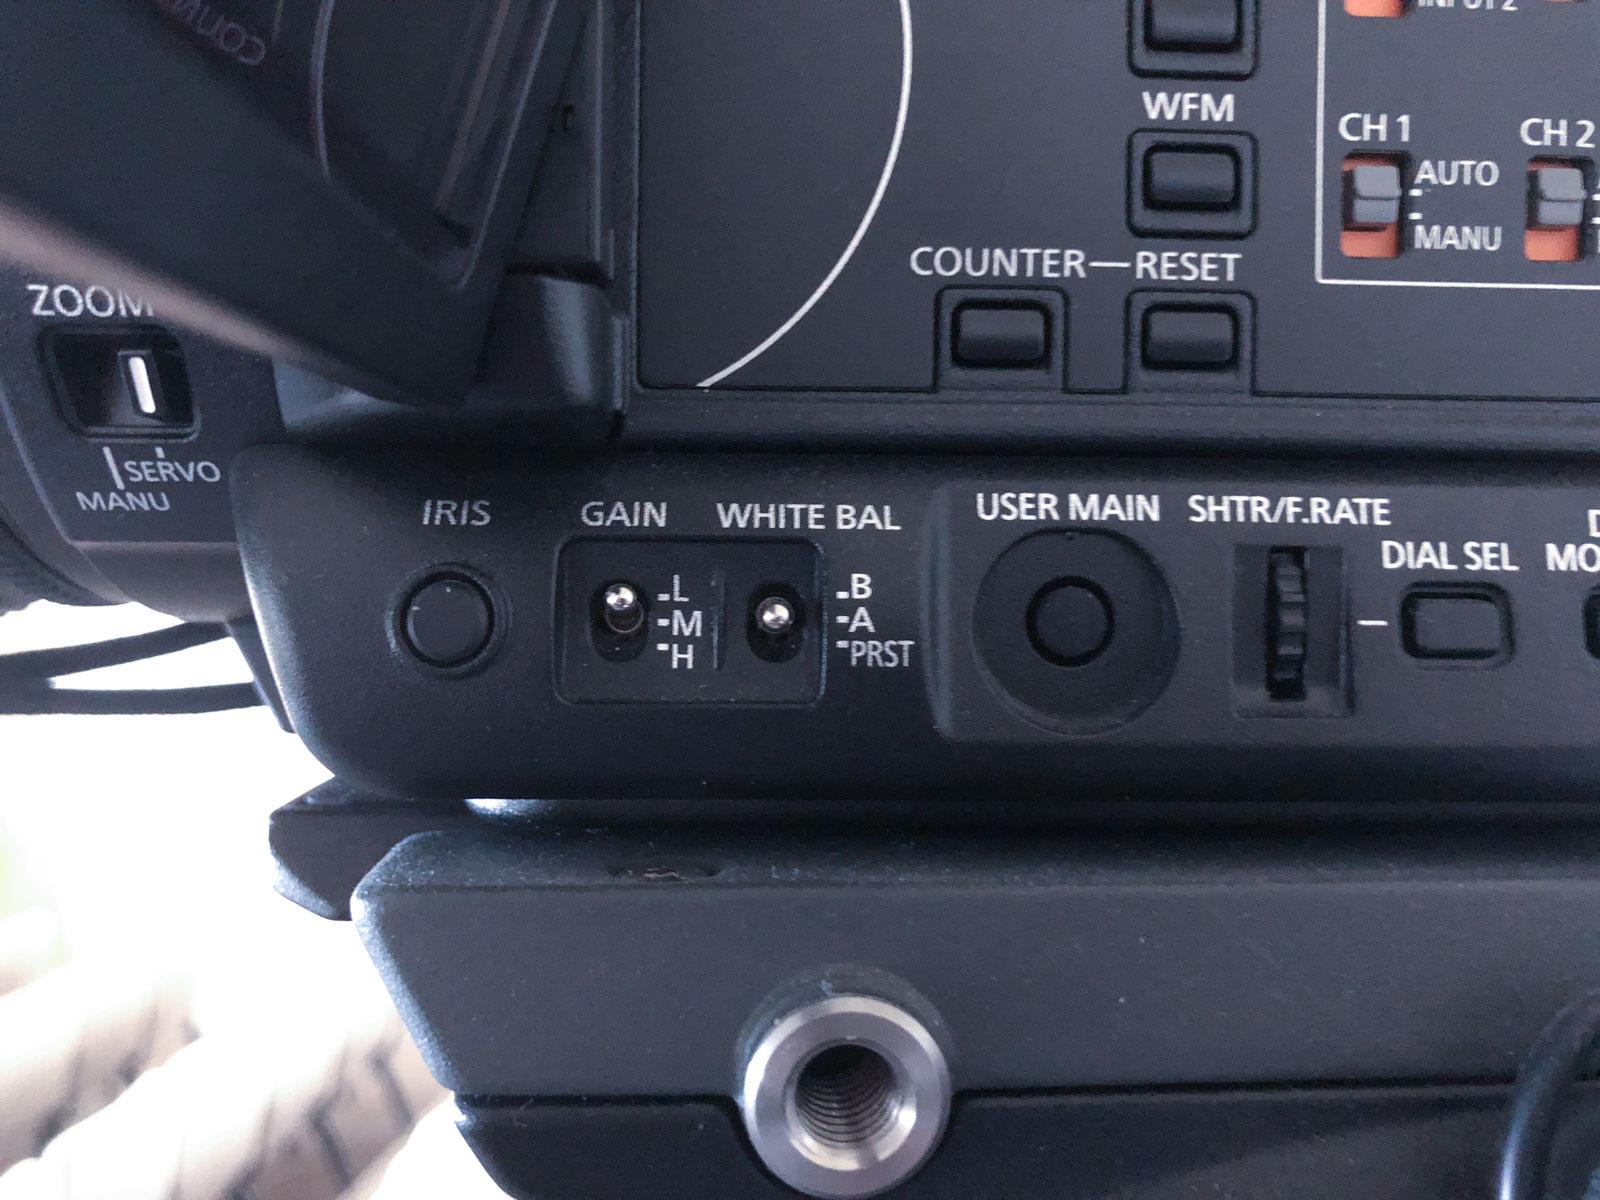 Camera settings.